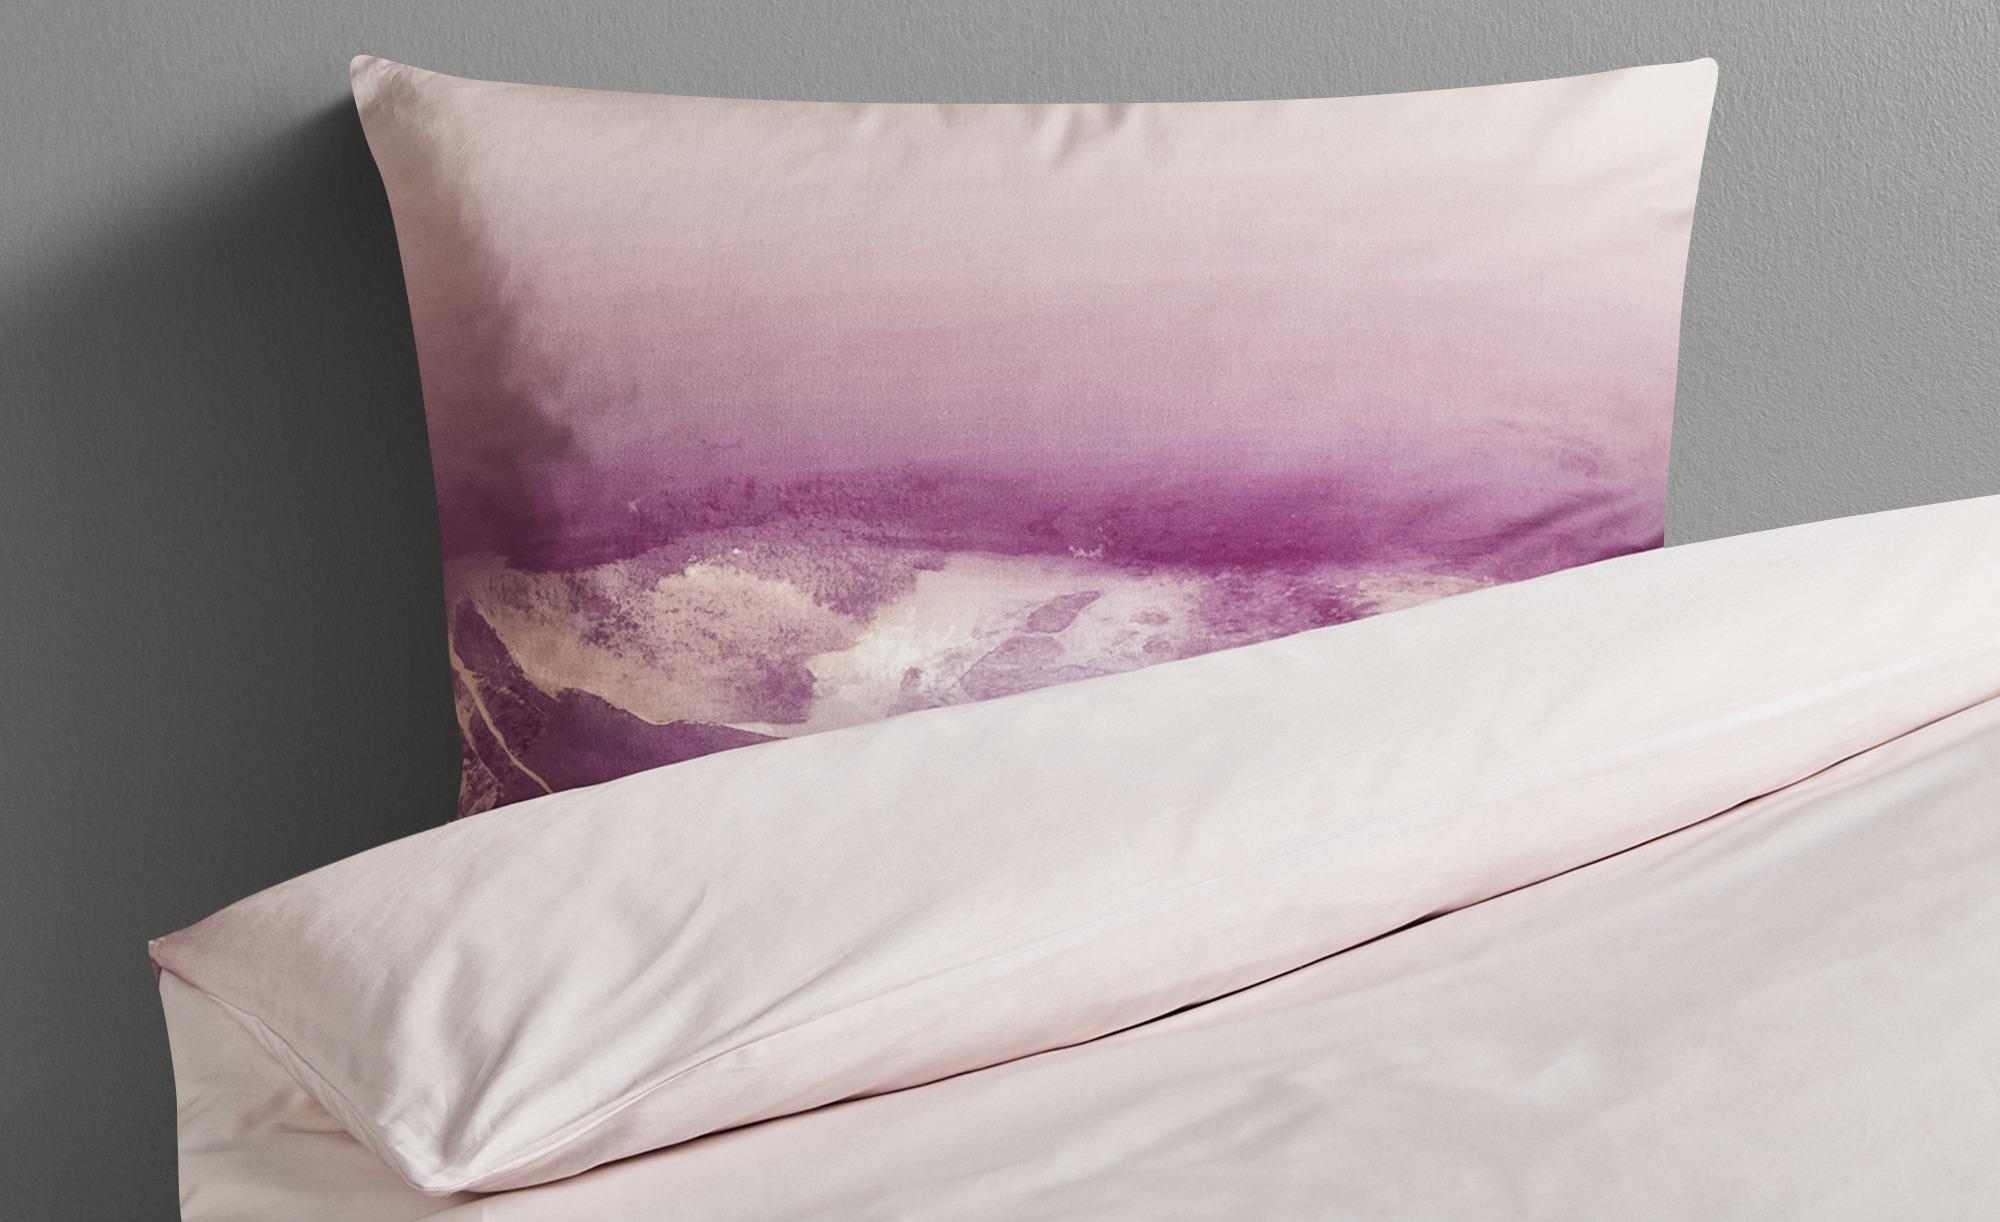 HOME STORY Satin Bettwäsche  Soft Touch ED-604-1 ¦ rosa/pink ¦ 100% Baumwolle ¦ Maße (cm): B: 135 Bettwaren > Bettwäsche-Sets > weitere Bettwäschesets - Höffner